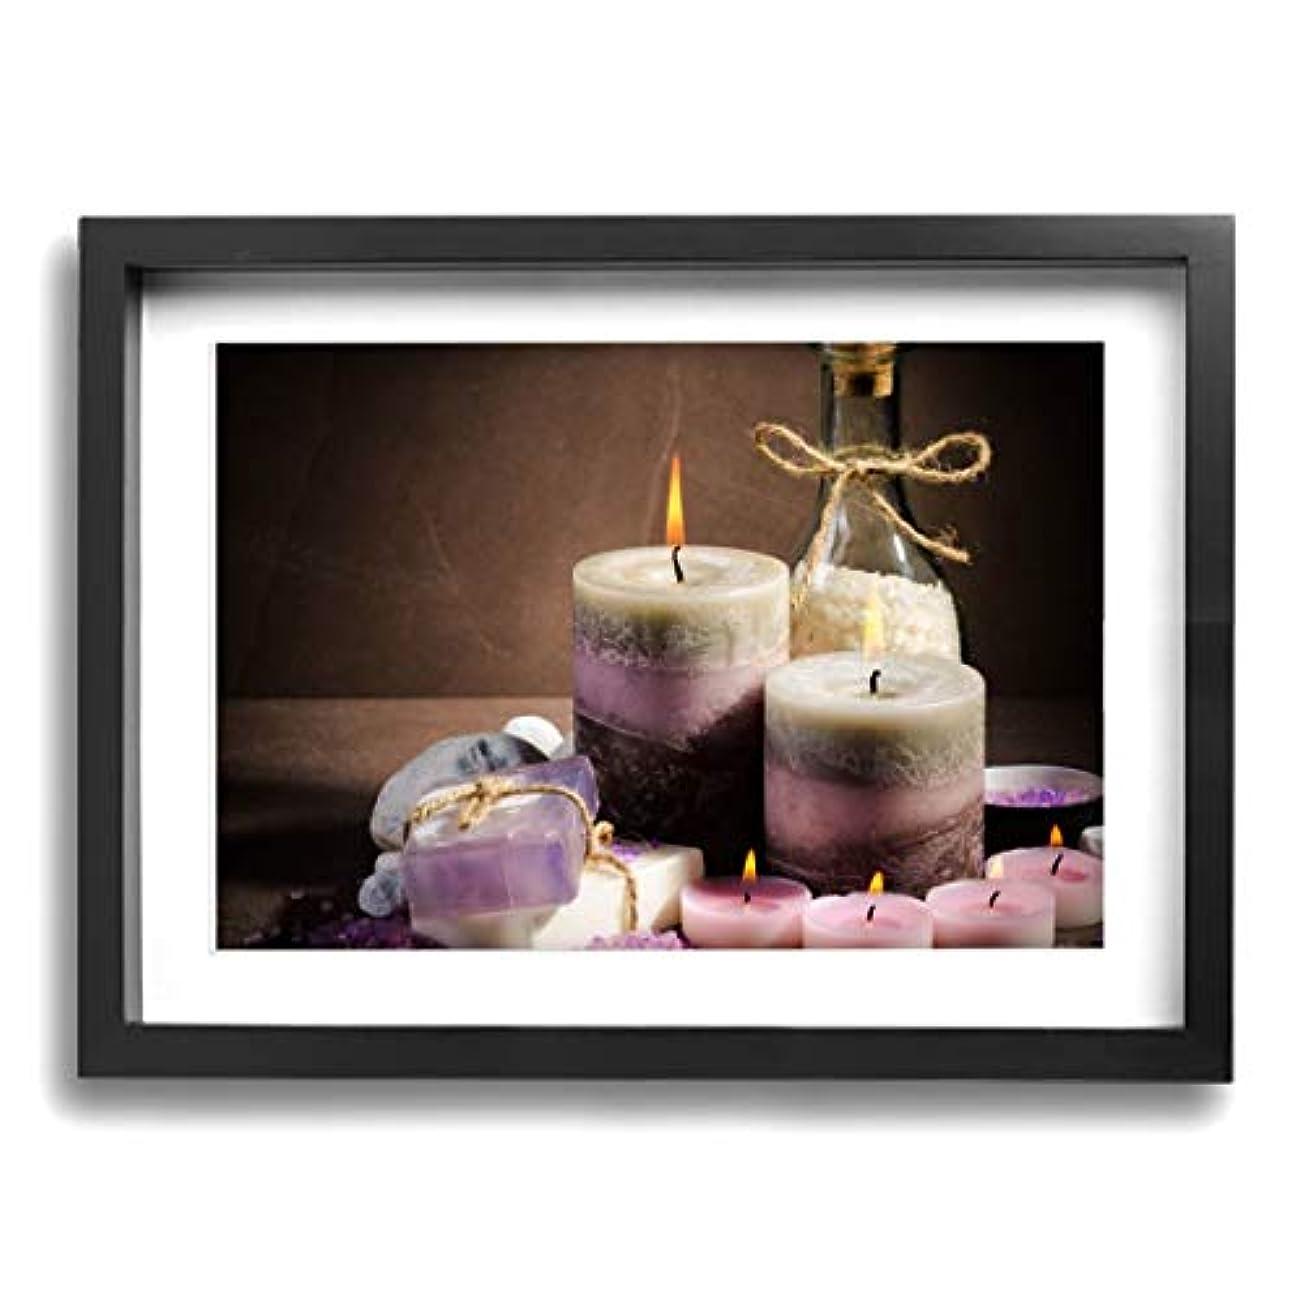 スキニー言語いっぱい魅力的な芸術 30x40cm Spa Purple Color Candle Oil キャンバスの壁アート 画像プリント絵画リビングルームの壁の装飾と家の装飾のための現代アートワークハングする準備ができて